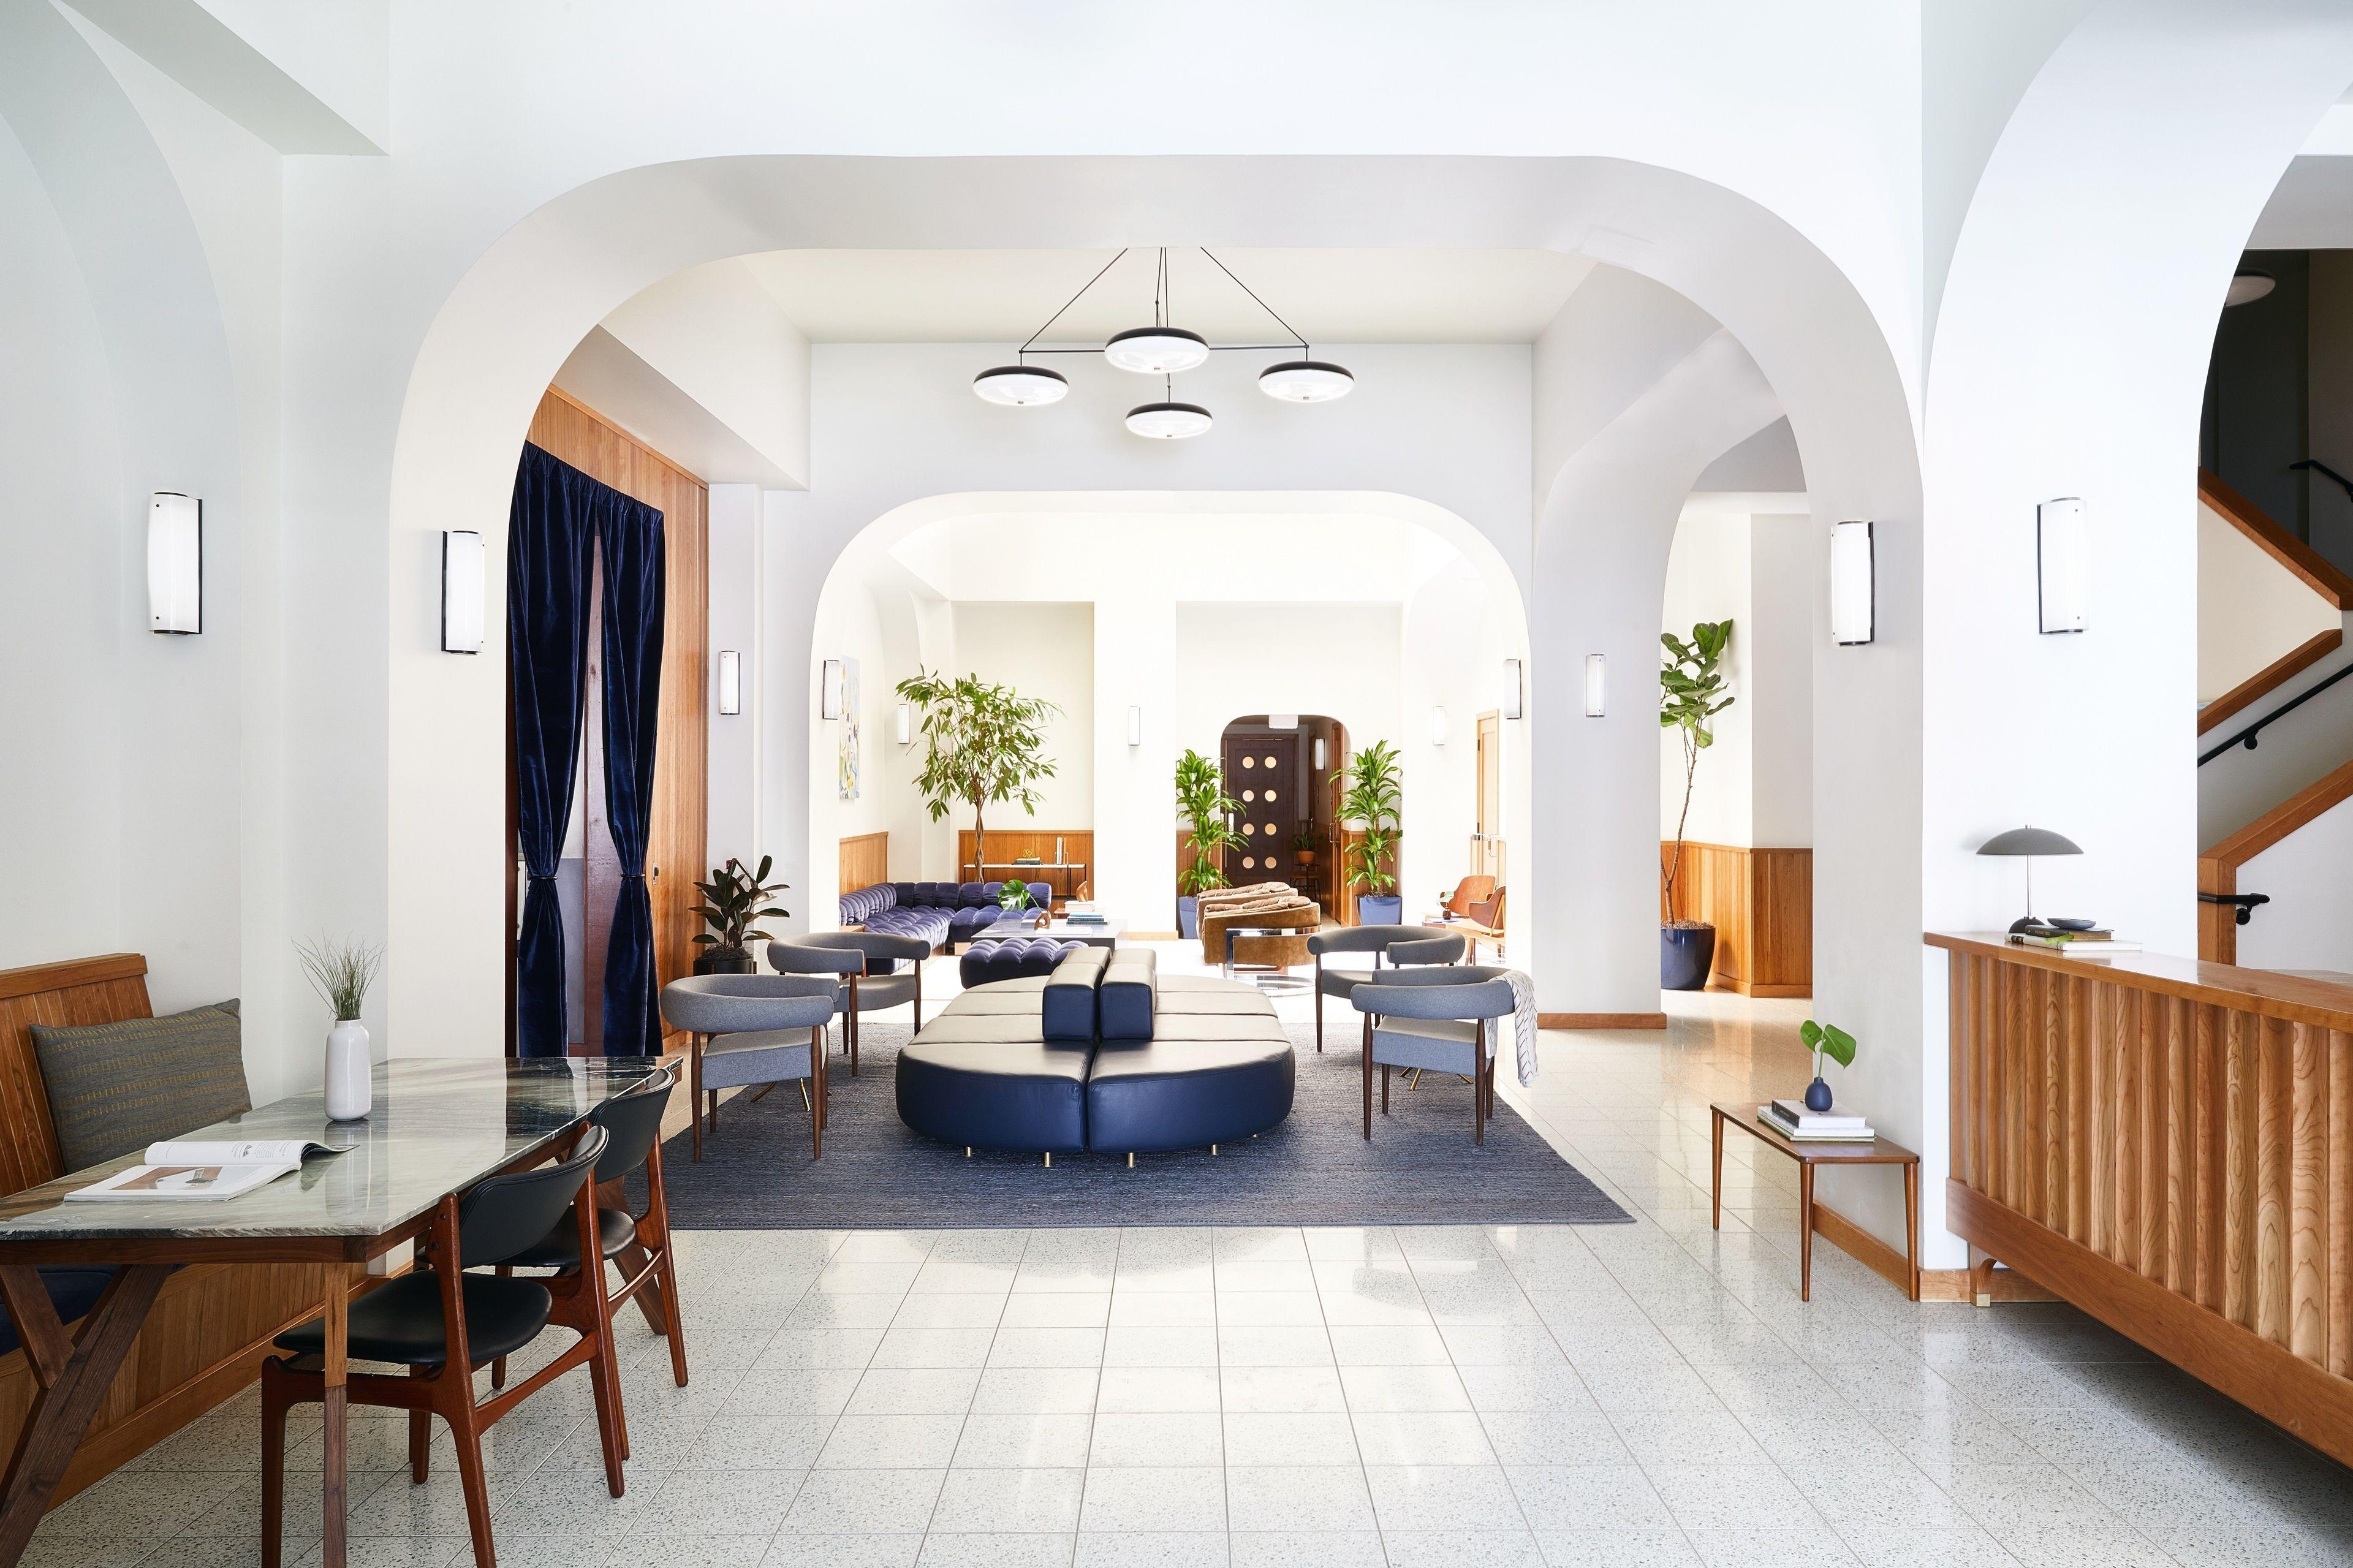 Courtesy of Taj Campton Place / Expedia.com